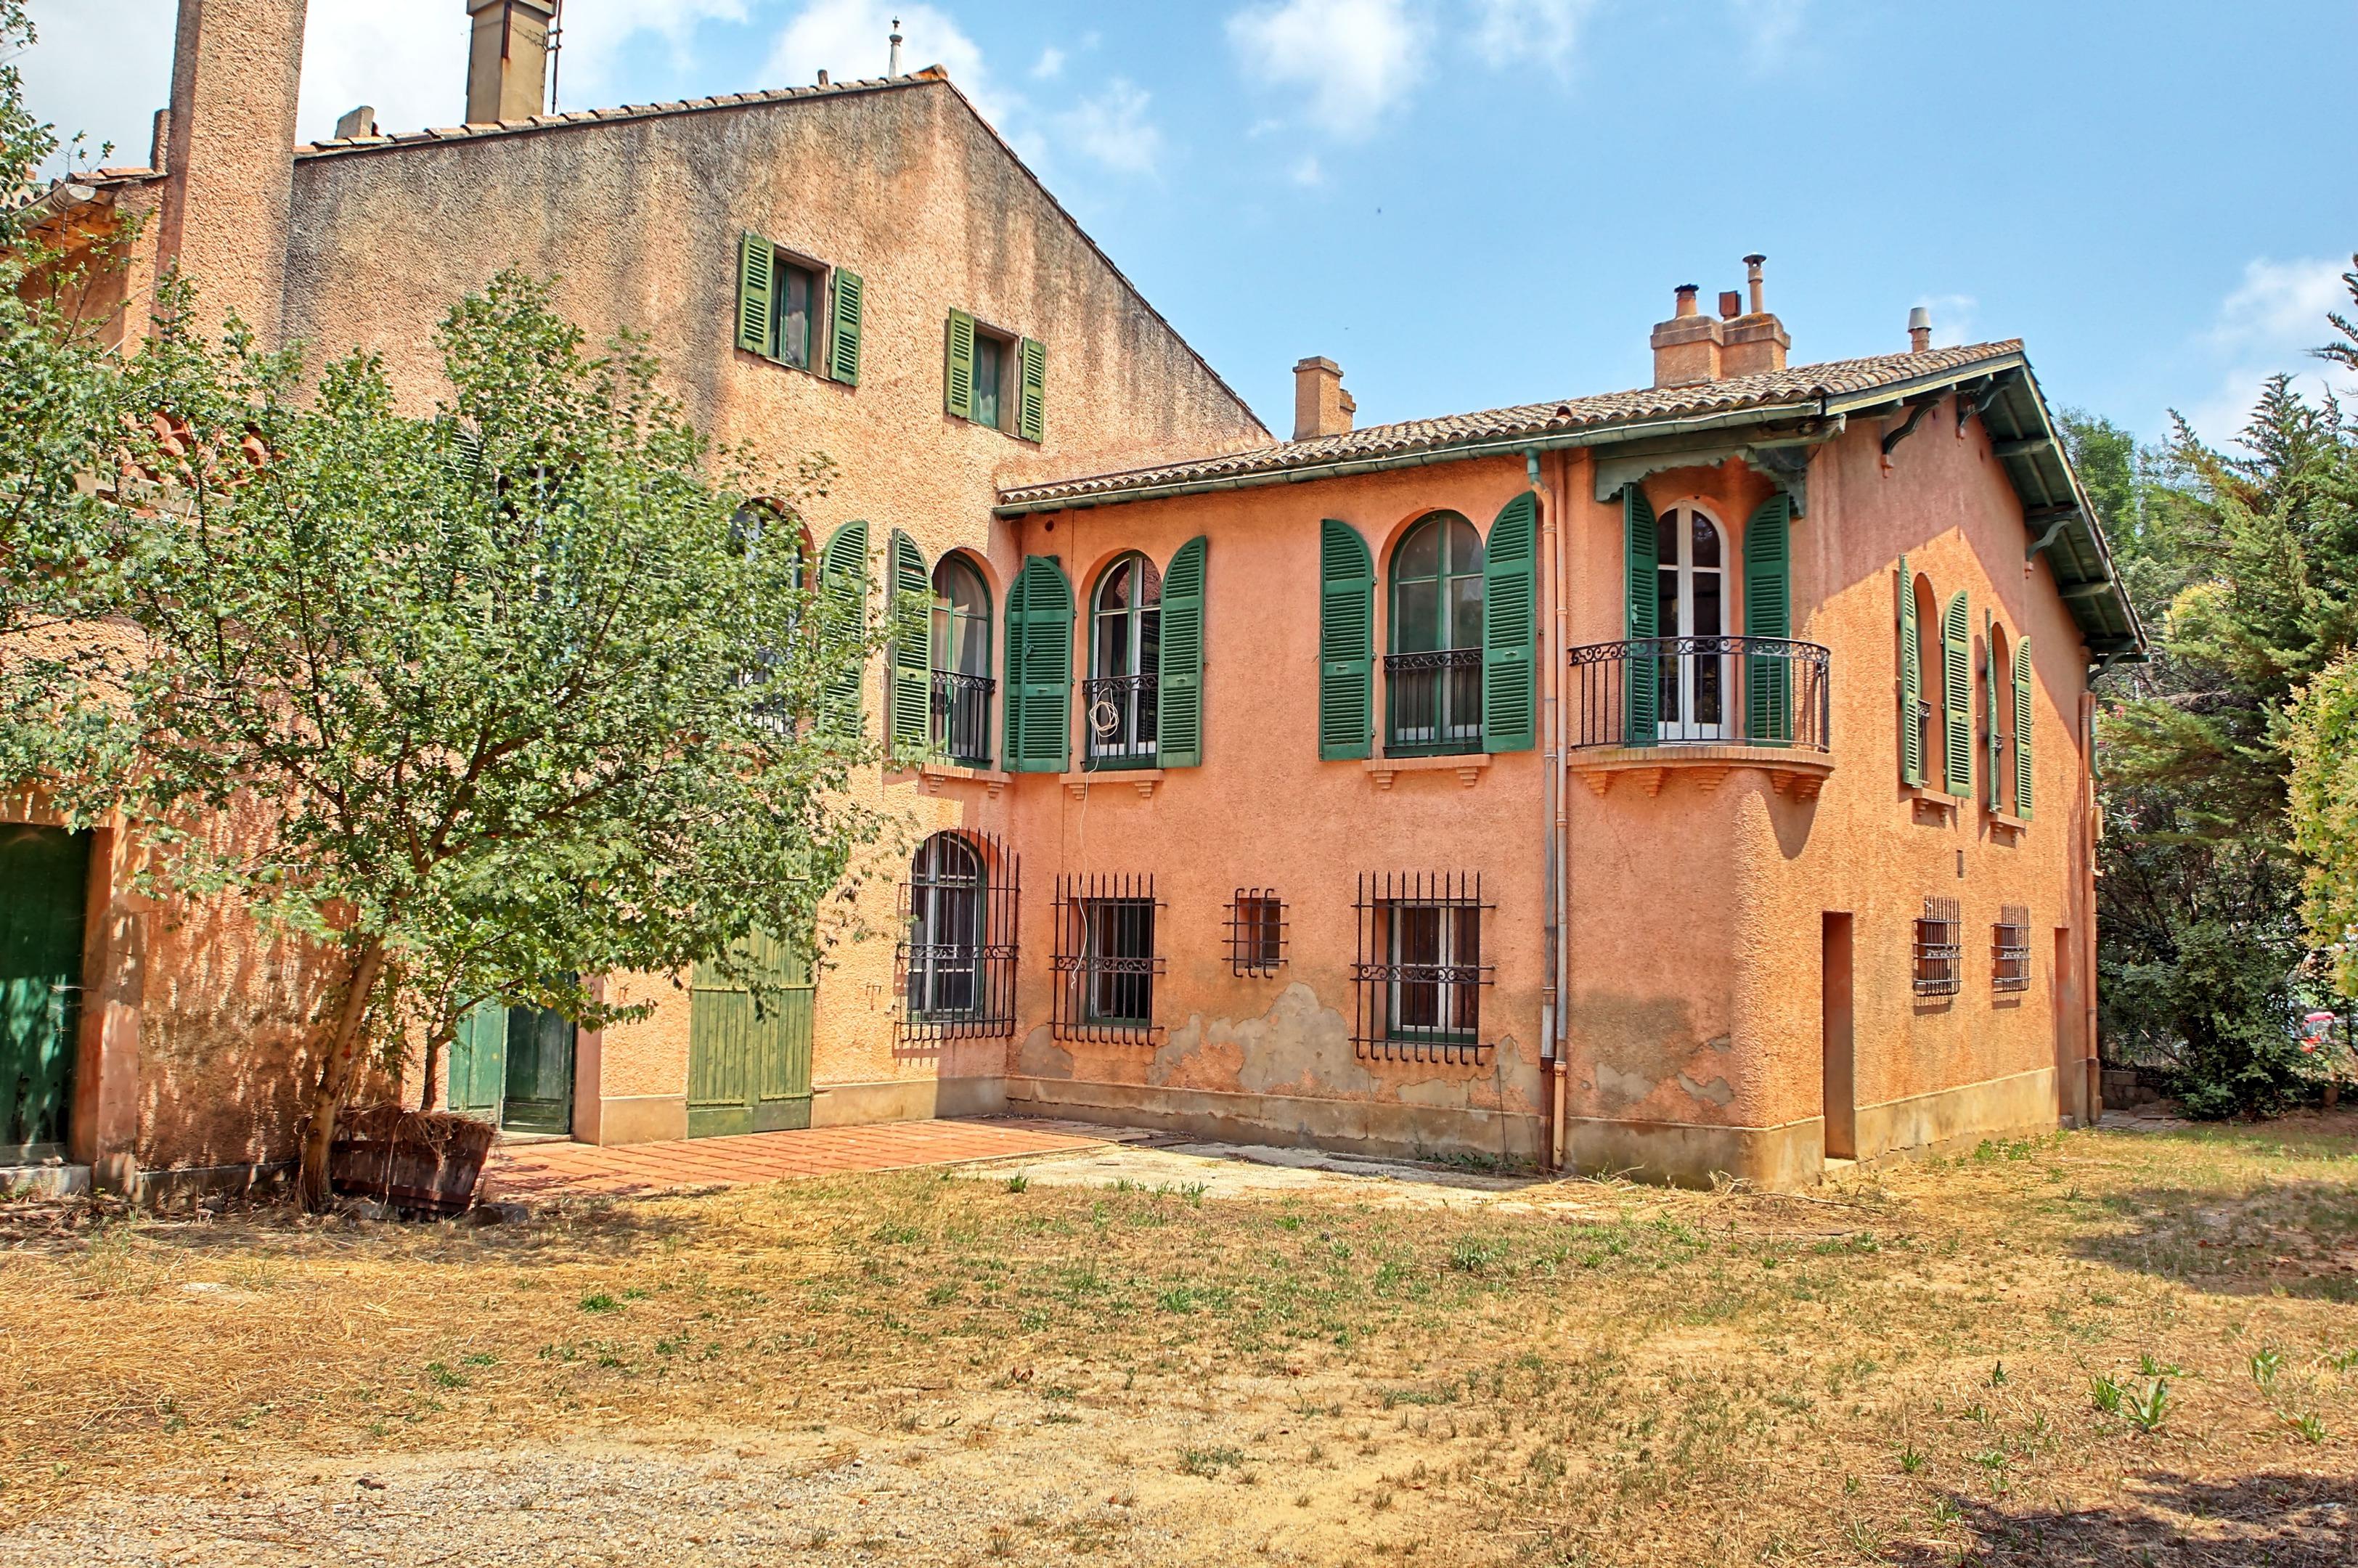 Vente maison la londe les maures maison vendre la - Chambre d hotes la londe les maures ...